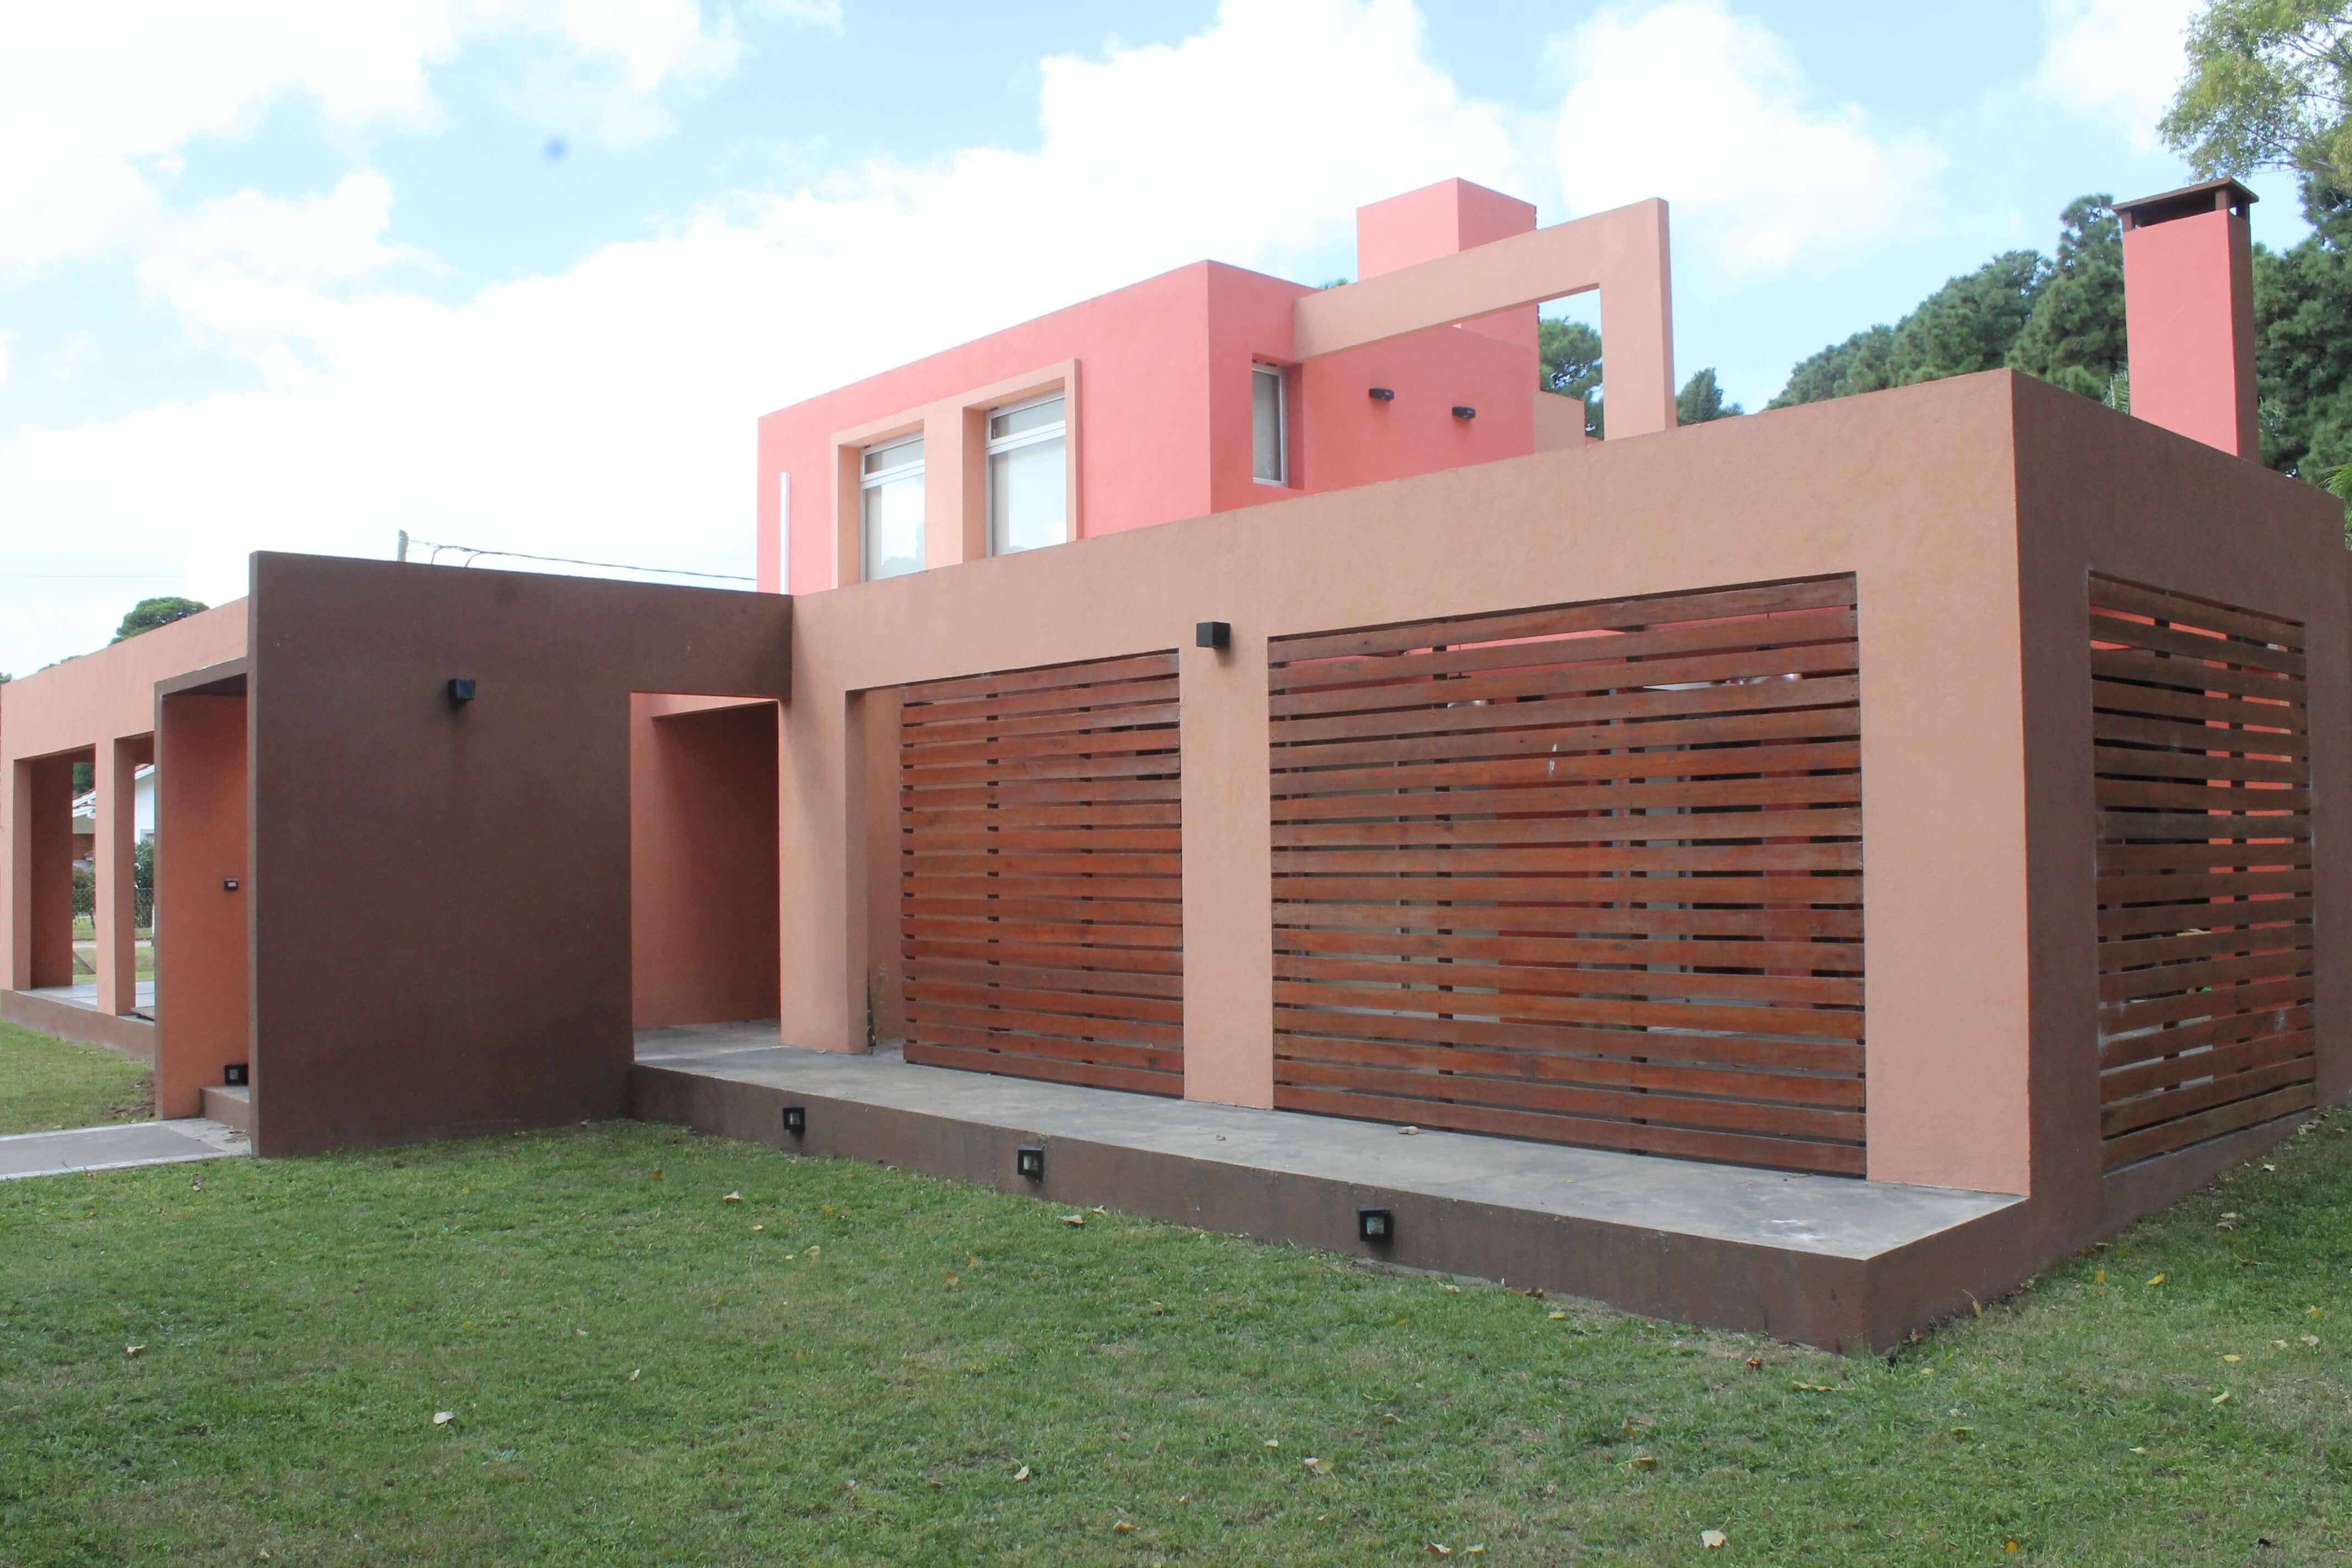 Morrongiello Propiedades - Hermosa casa en venta sobre Robinson Crusoe esquina Gulliver